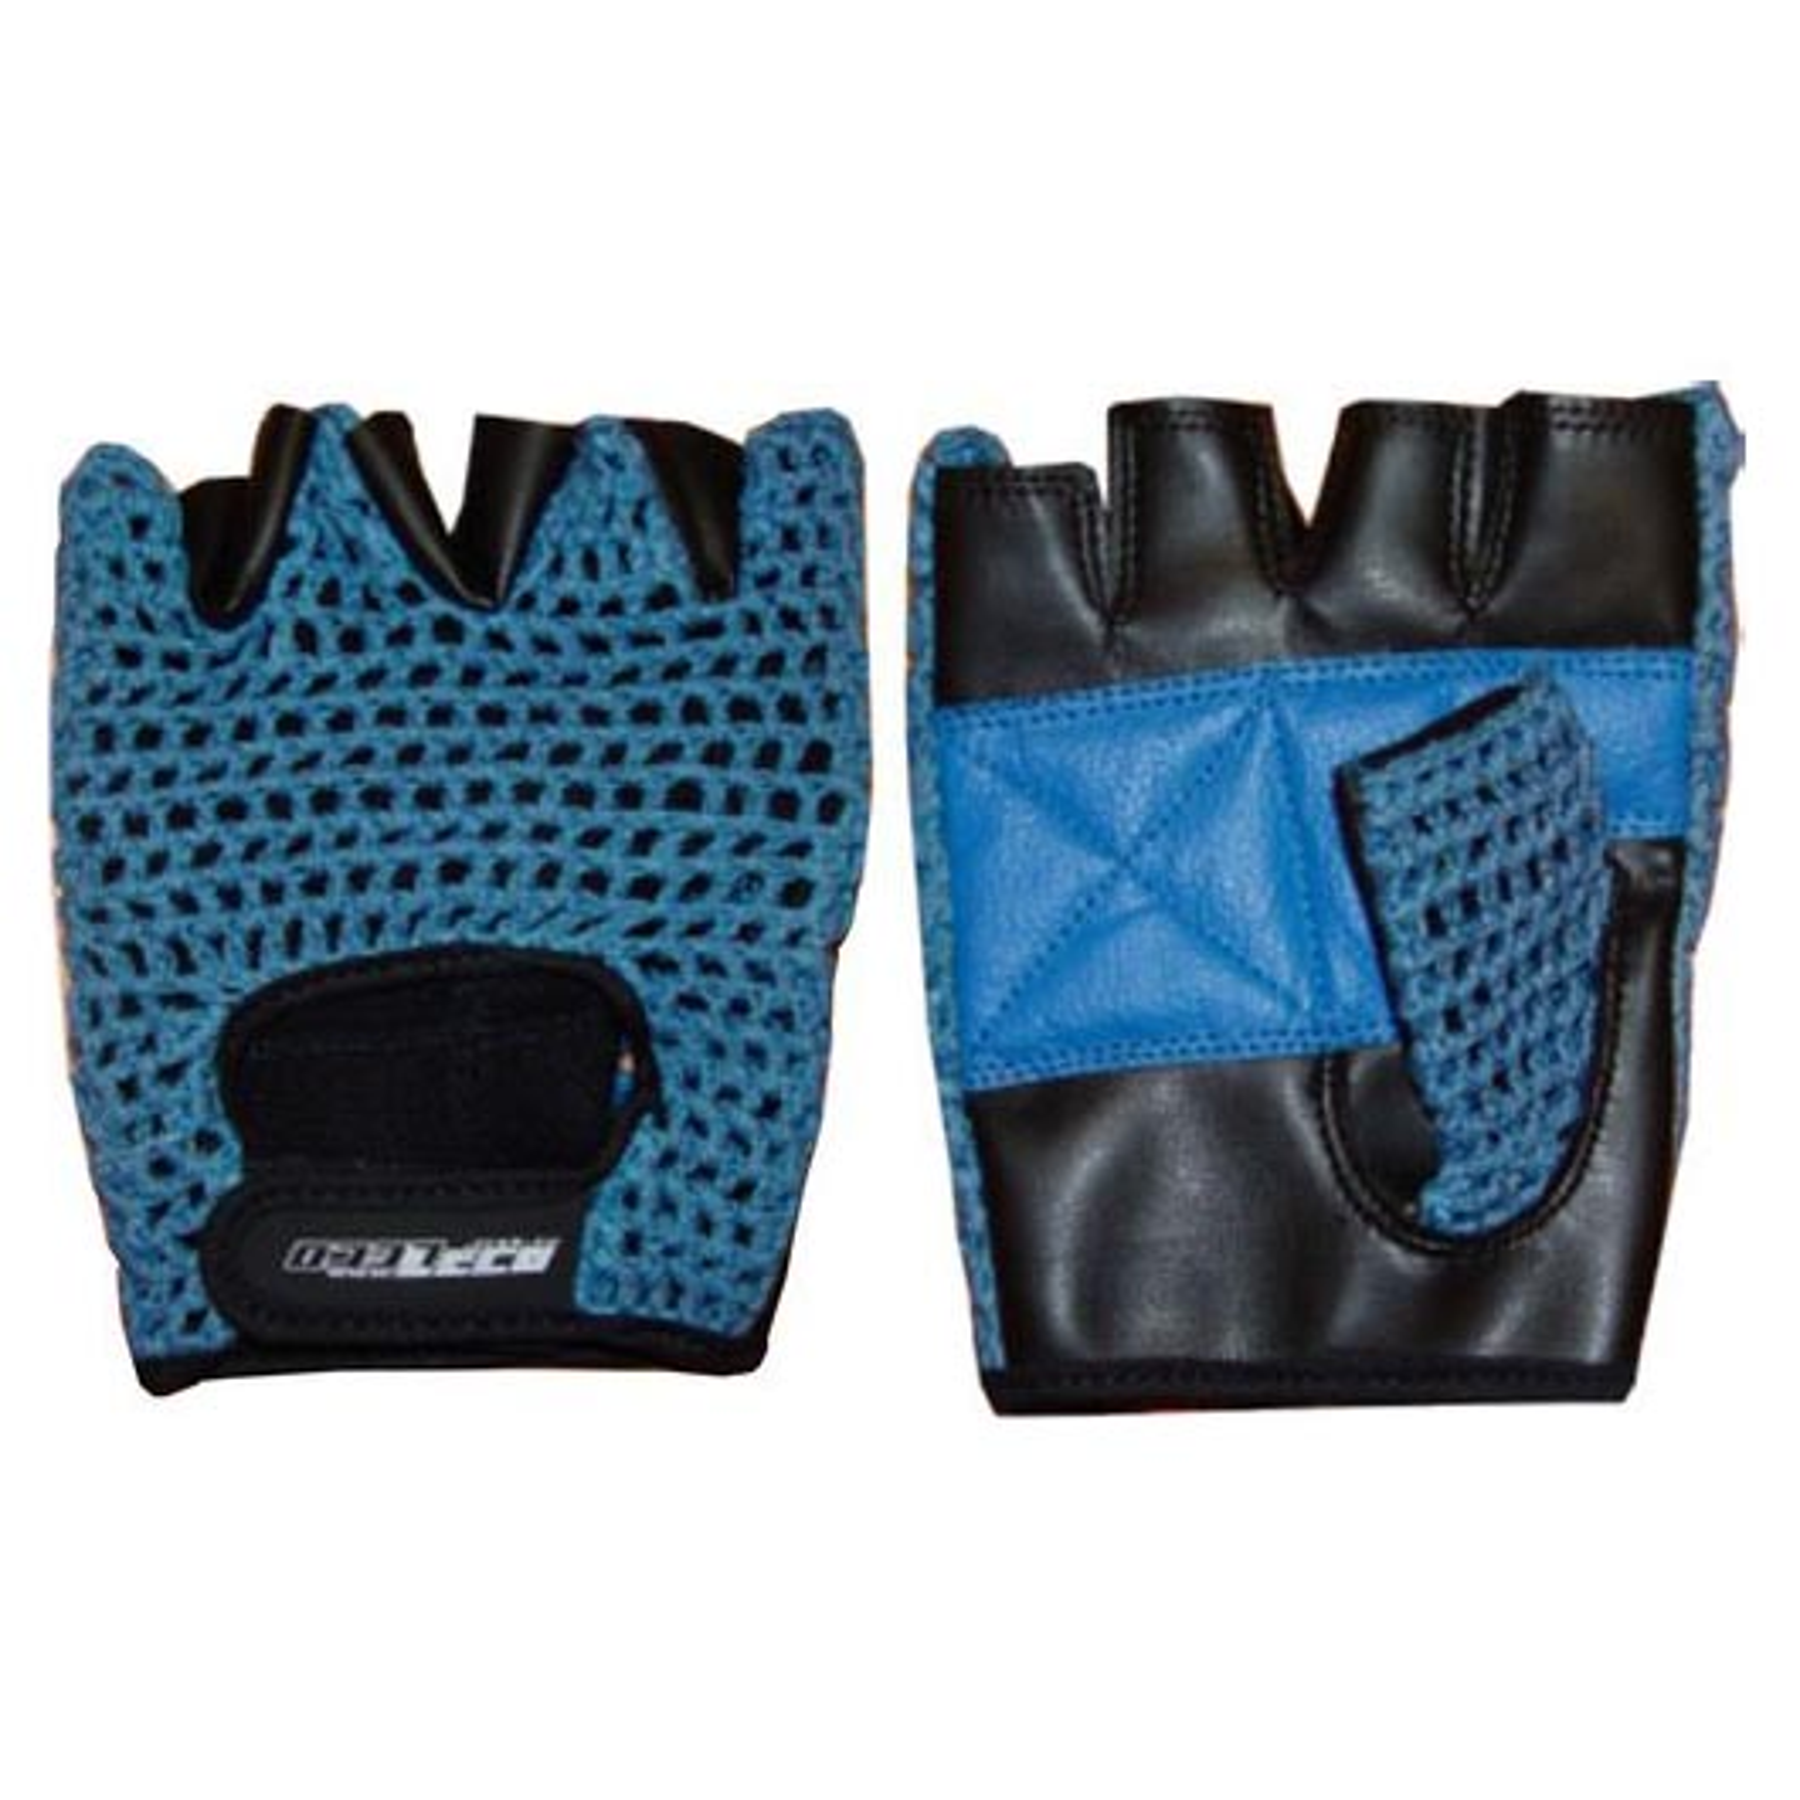 Перчатки для фитнеса и тяж.атлетики ПРО кожа/сетка р. L (т11125-3)